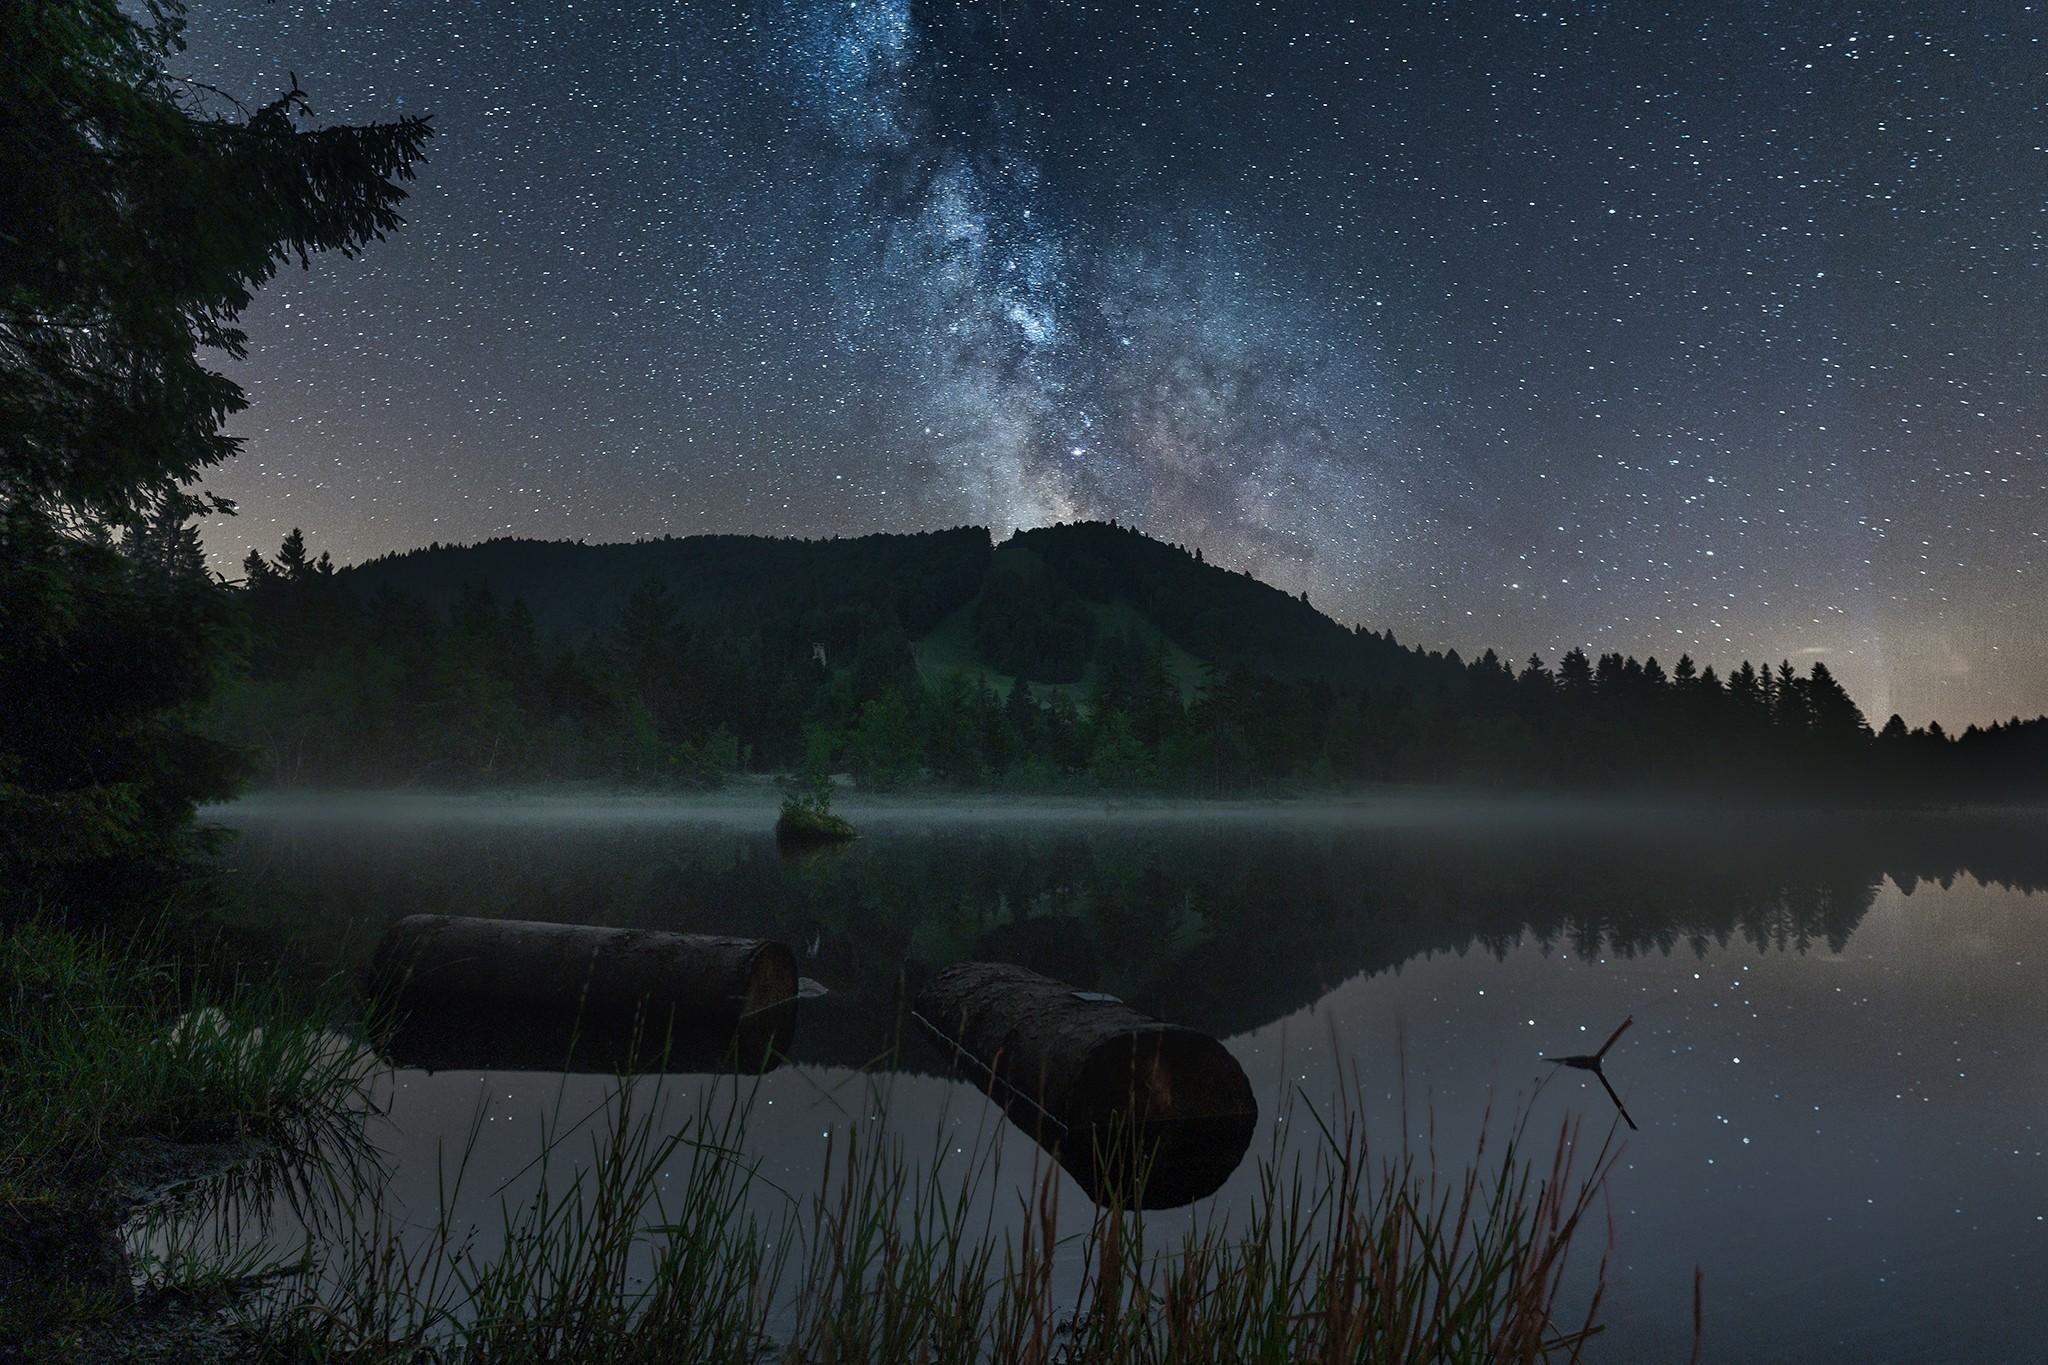 Lac de Lispach sous la Voie lactée